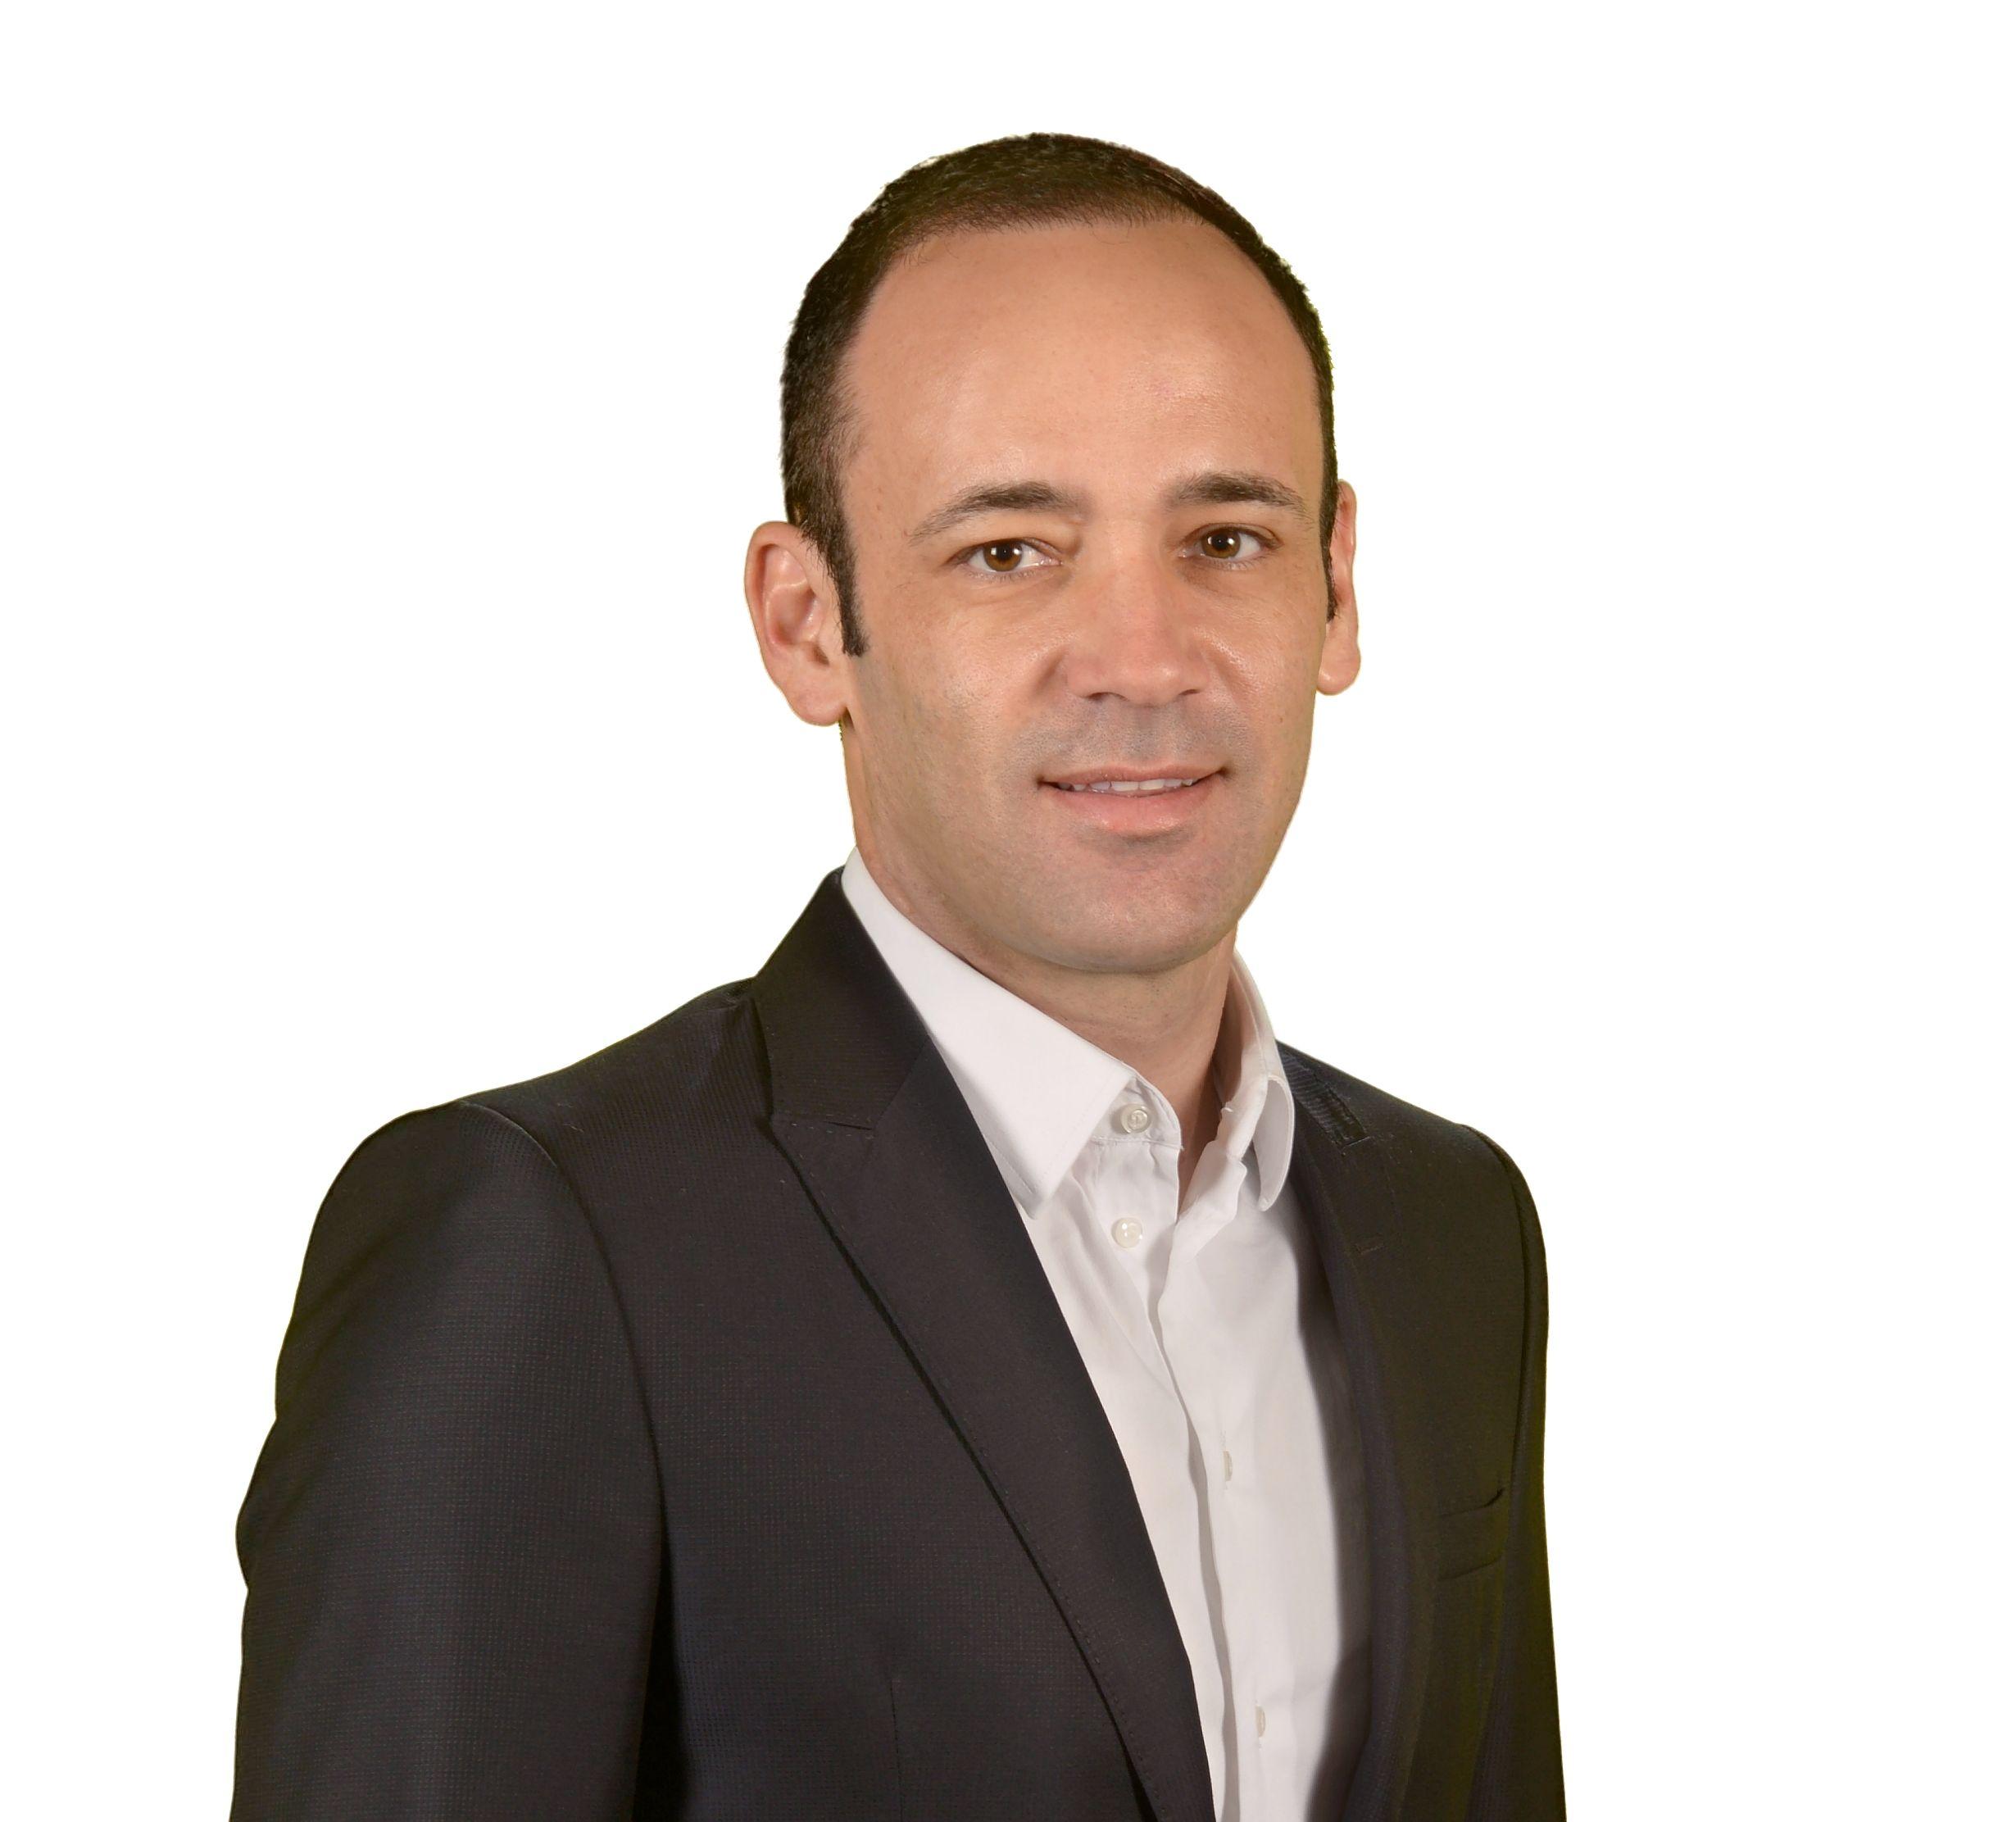 """«Aumentar os programas de incentivo fiscal ou cofinanciamento, com enfoque na criação de emprego especializado, [...] criará um ciclo virtuoso de investimento e permitirá que Portugal, não só """"produza"""", como até """"importe"""" colaboradores que tragam alto valor-acrescentado e melhorem a competitividade do país». António Ferreira, diretor-geral da Claranet em Portugal"""